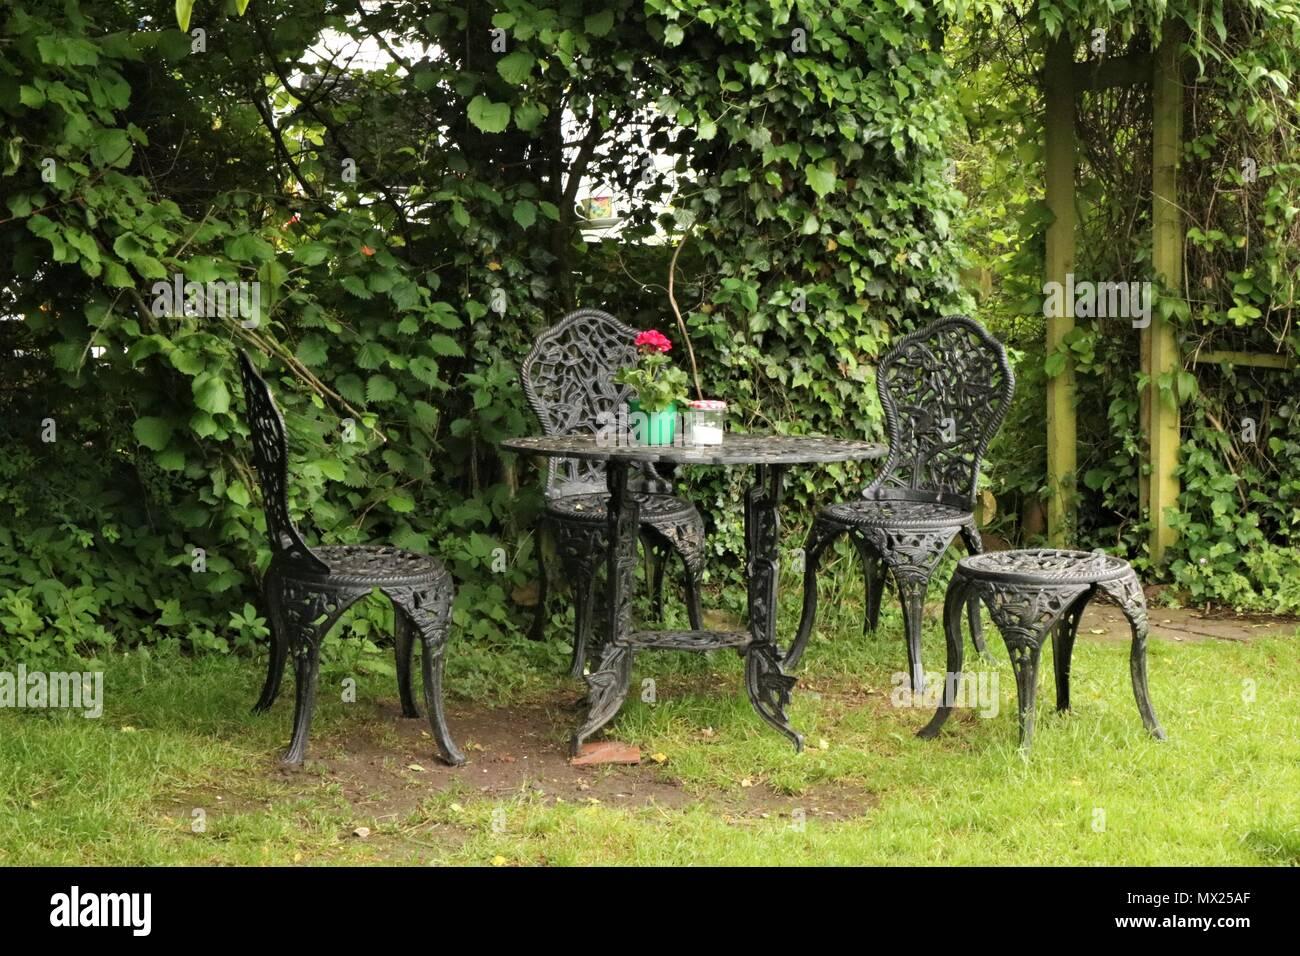 Schmiedeeisen Garten Tisch Und Stühlen Stockfoto Bild 188132855